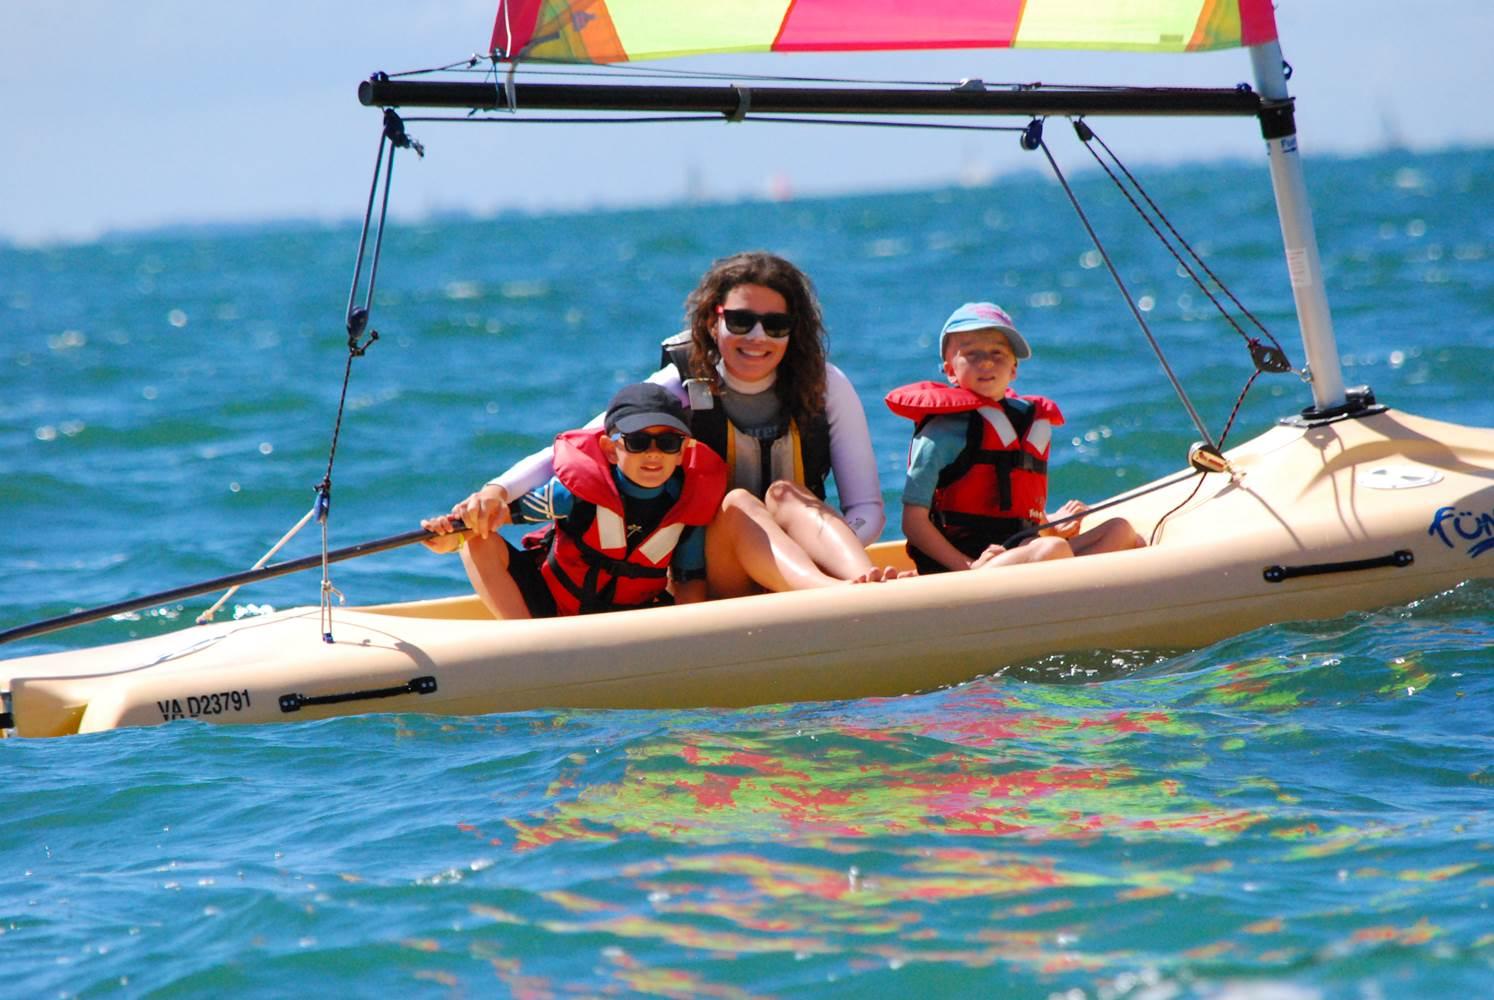 Sortie en Funboat pour les Moussailons ! Accompagnés par leur monitrice, Théodora - Club Nautique du Rohu ©